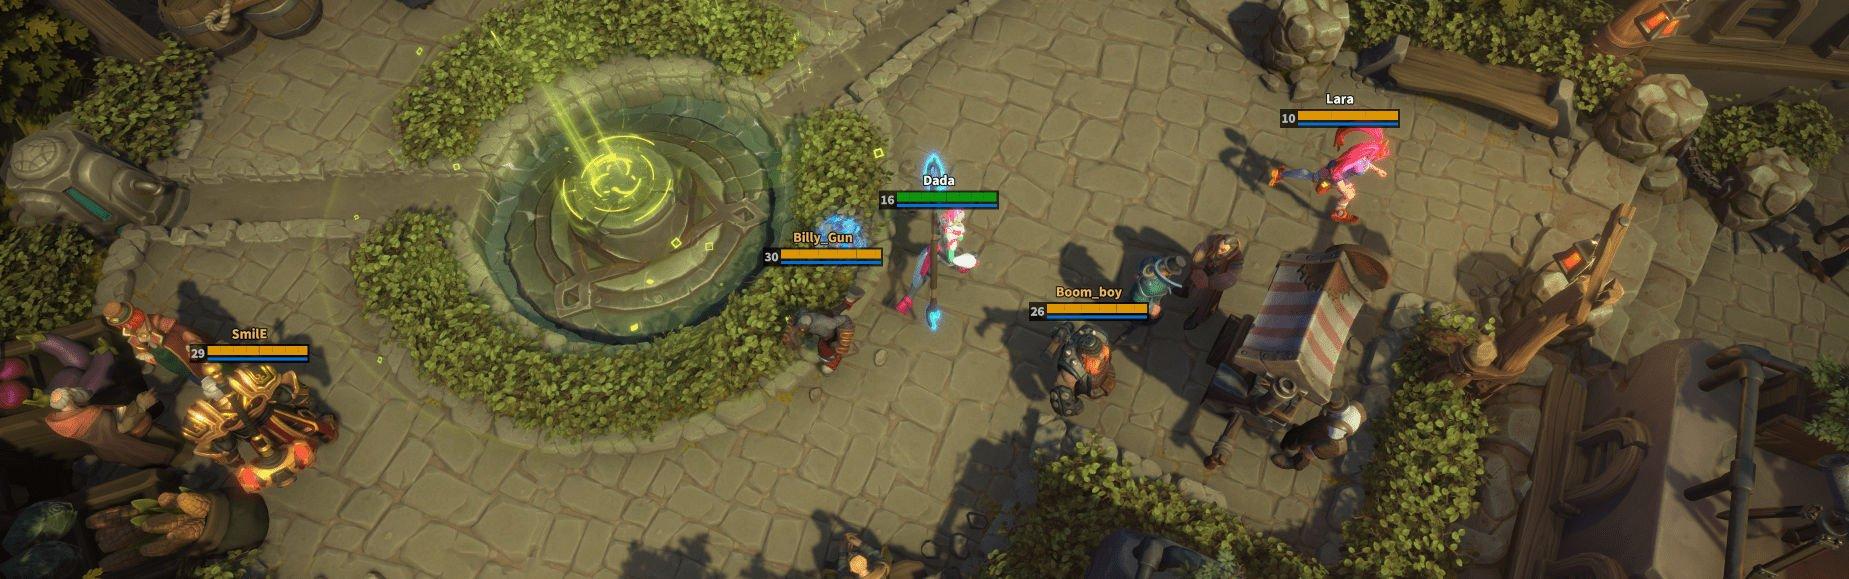 Corepunk rimandata la closed beta a primavera nuove info su classi e gilde